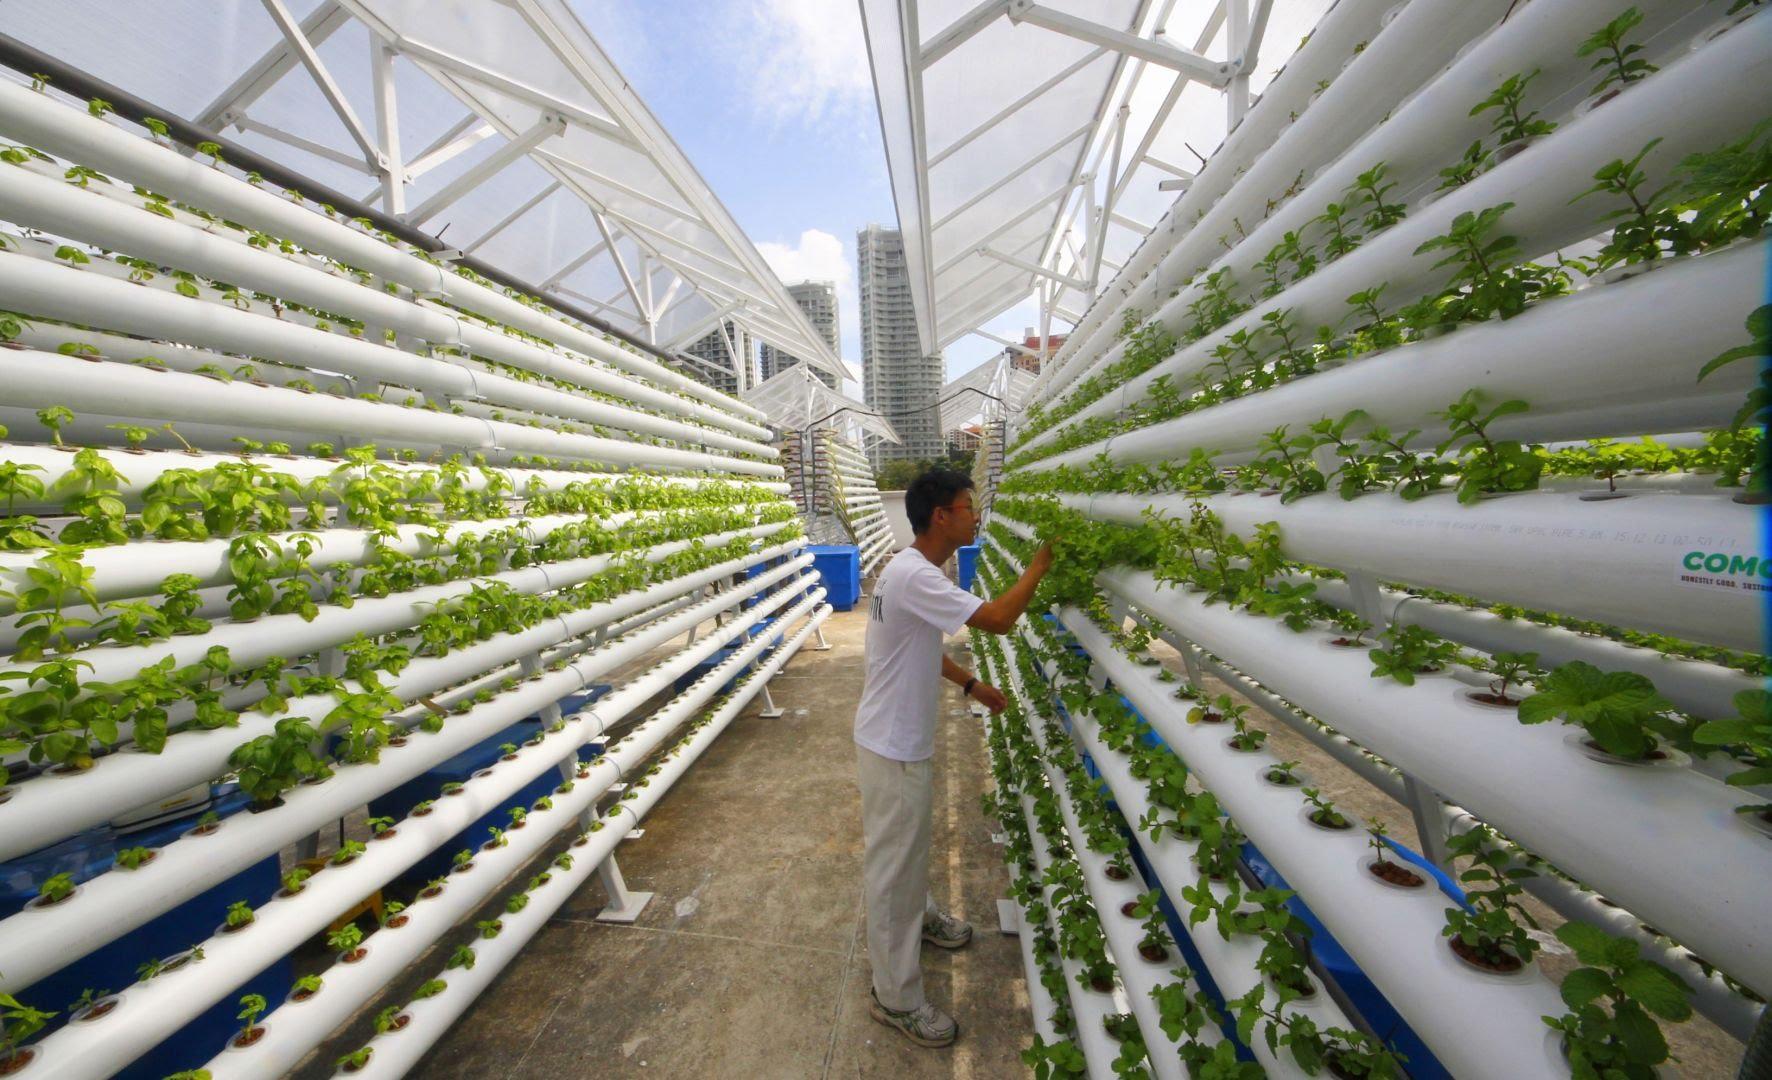 DLG и Ассоциация вертикального земледелия (AVF) начинают сотрудничество